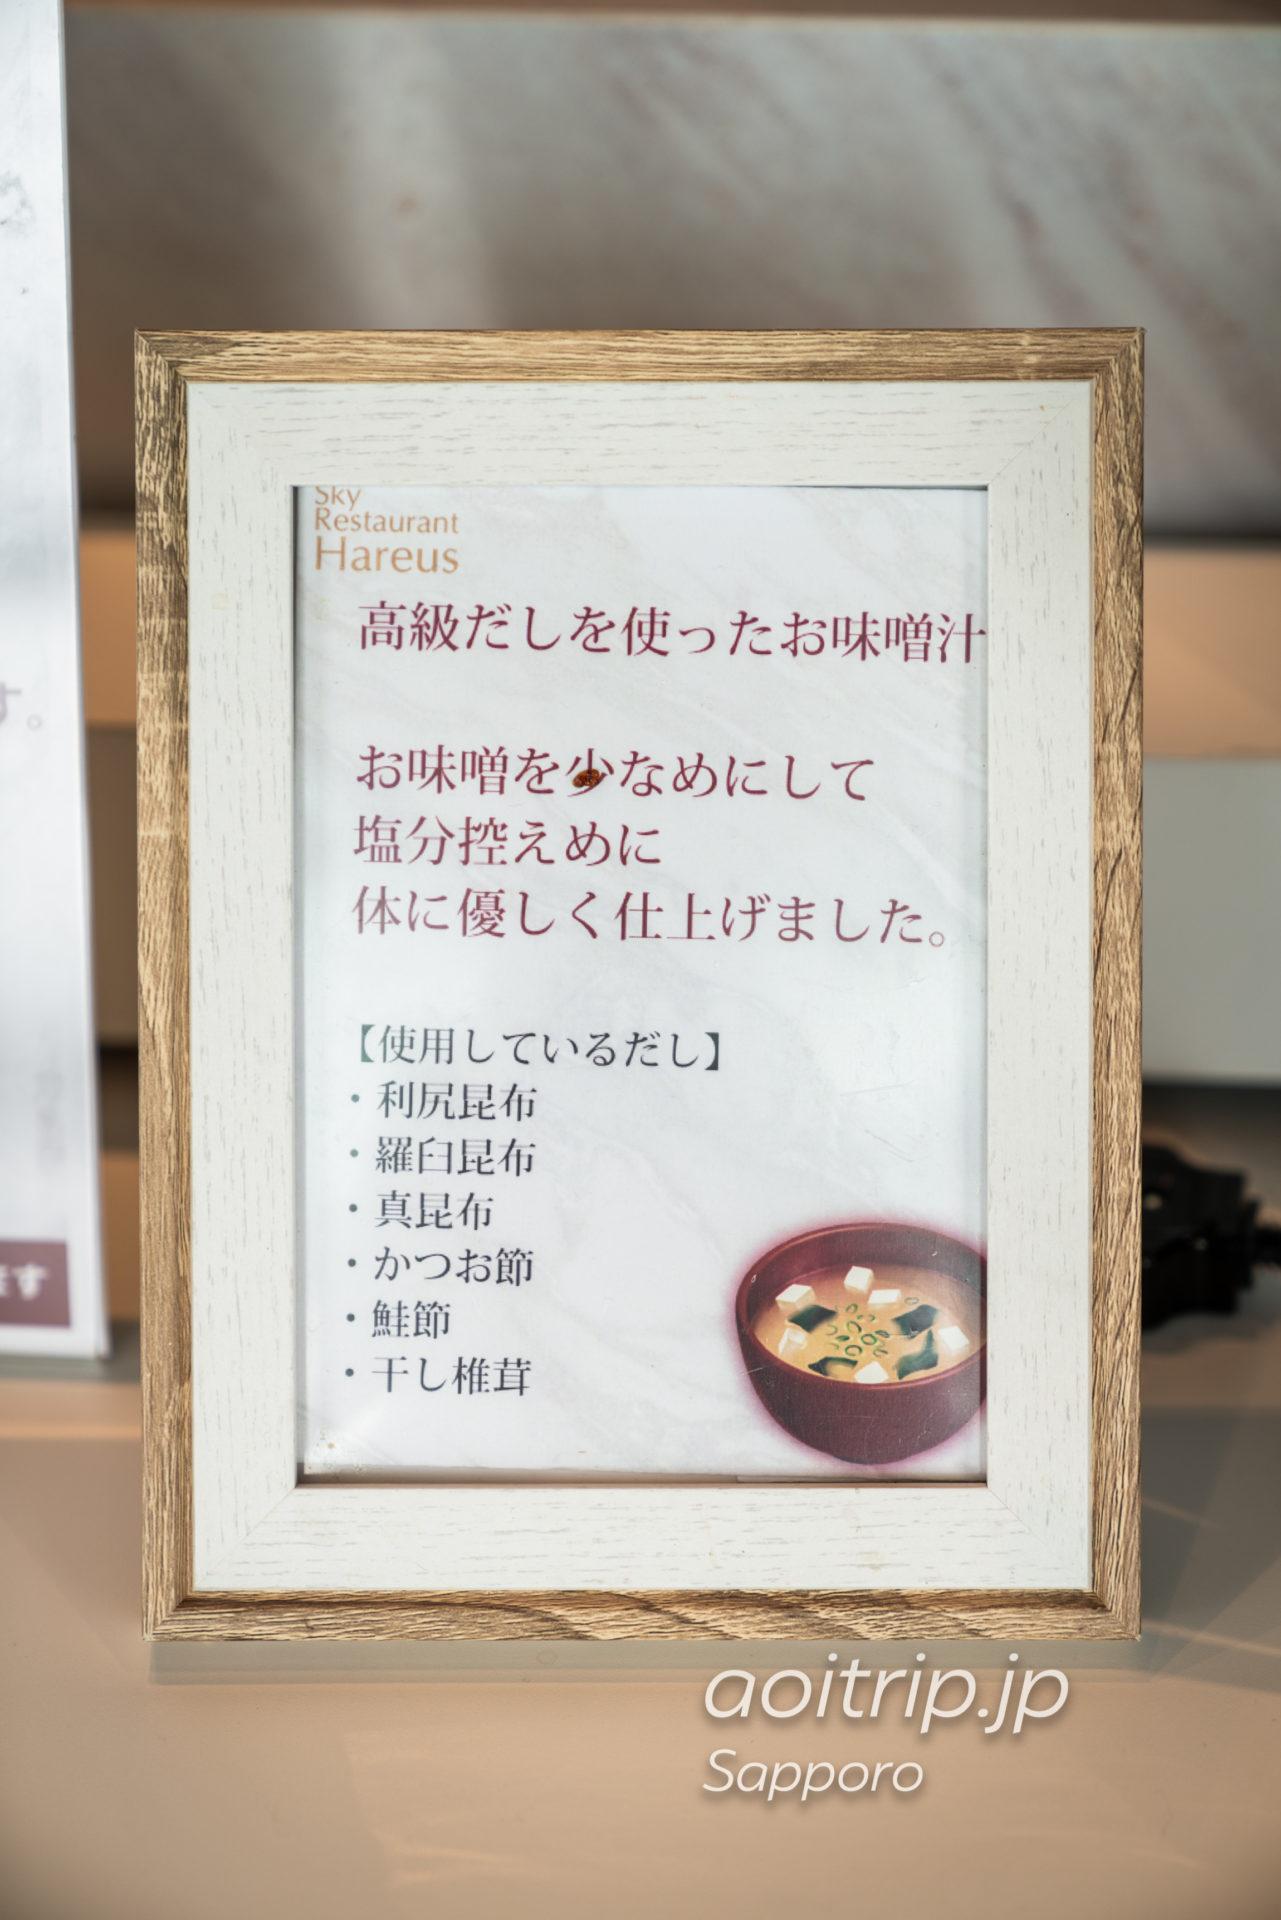 ホテルエミシア札幌の朝食 お味噌汁